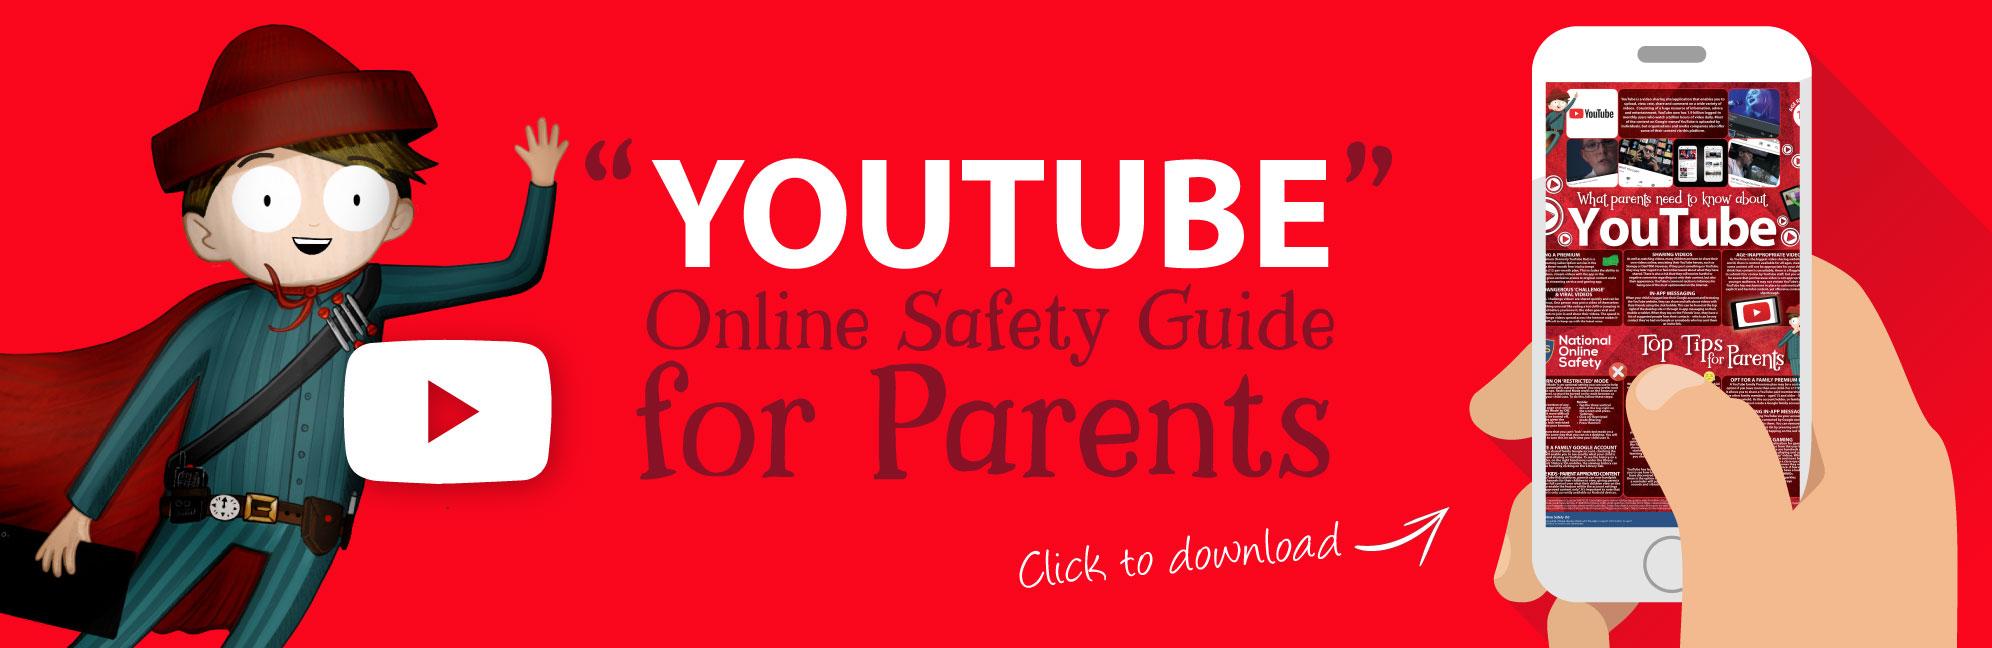 Youtube-Online-Safety-Parents-Guide-Web-Image-121118-V1